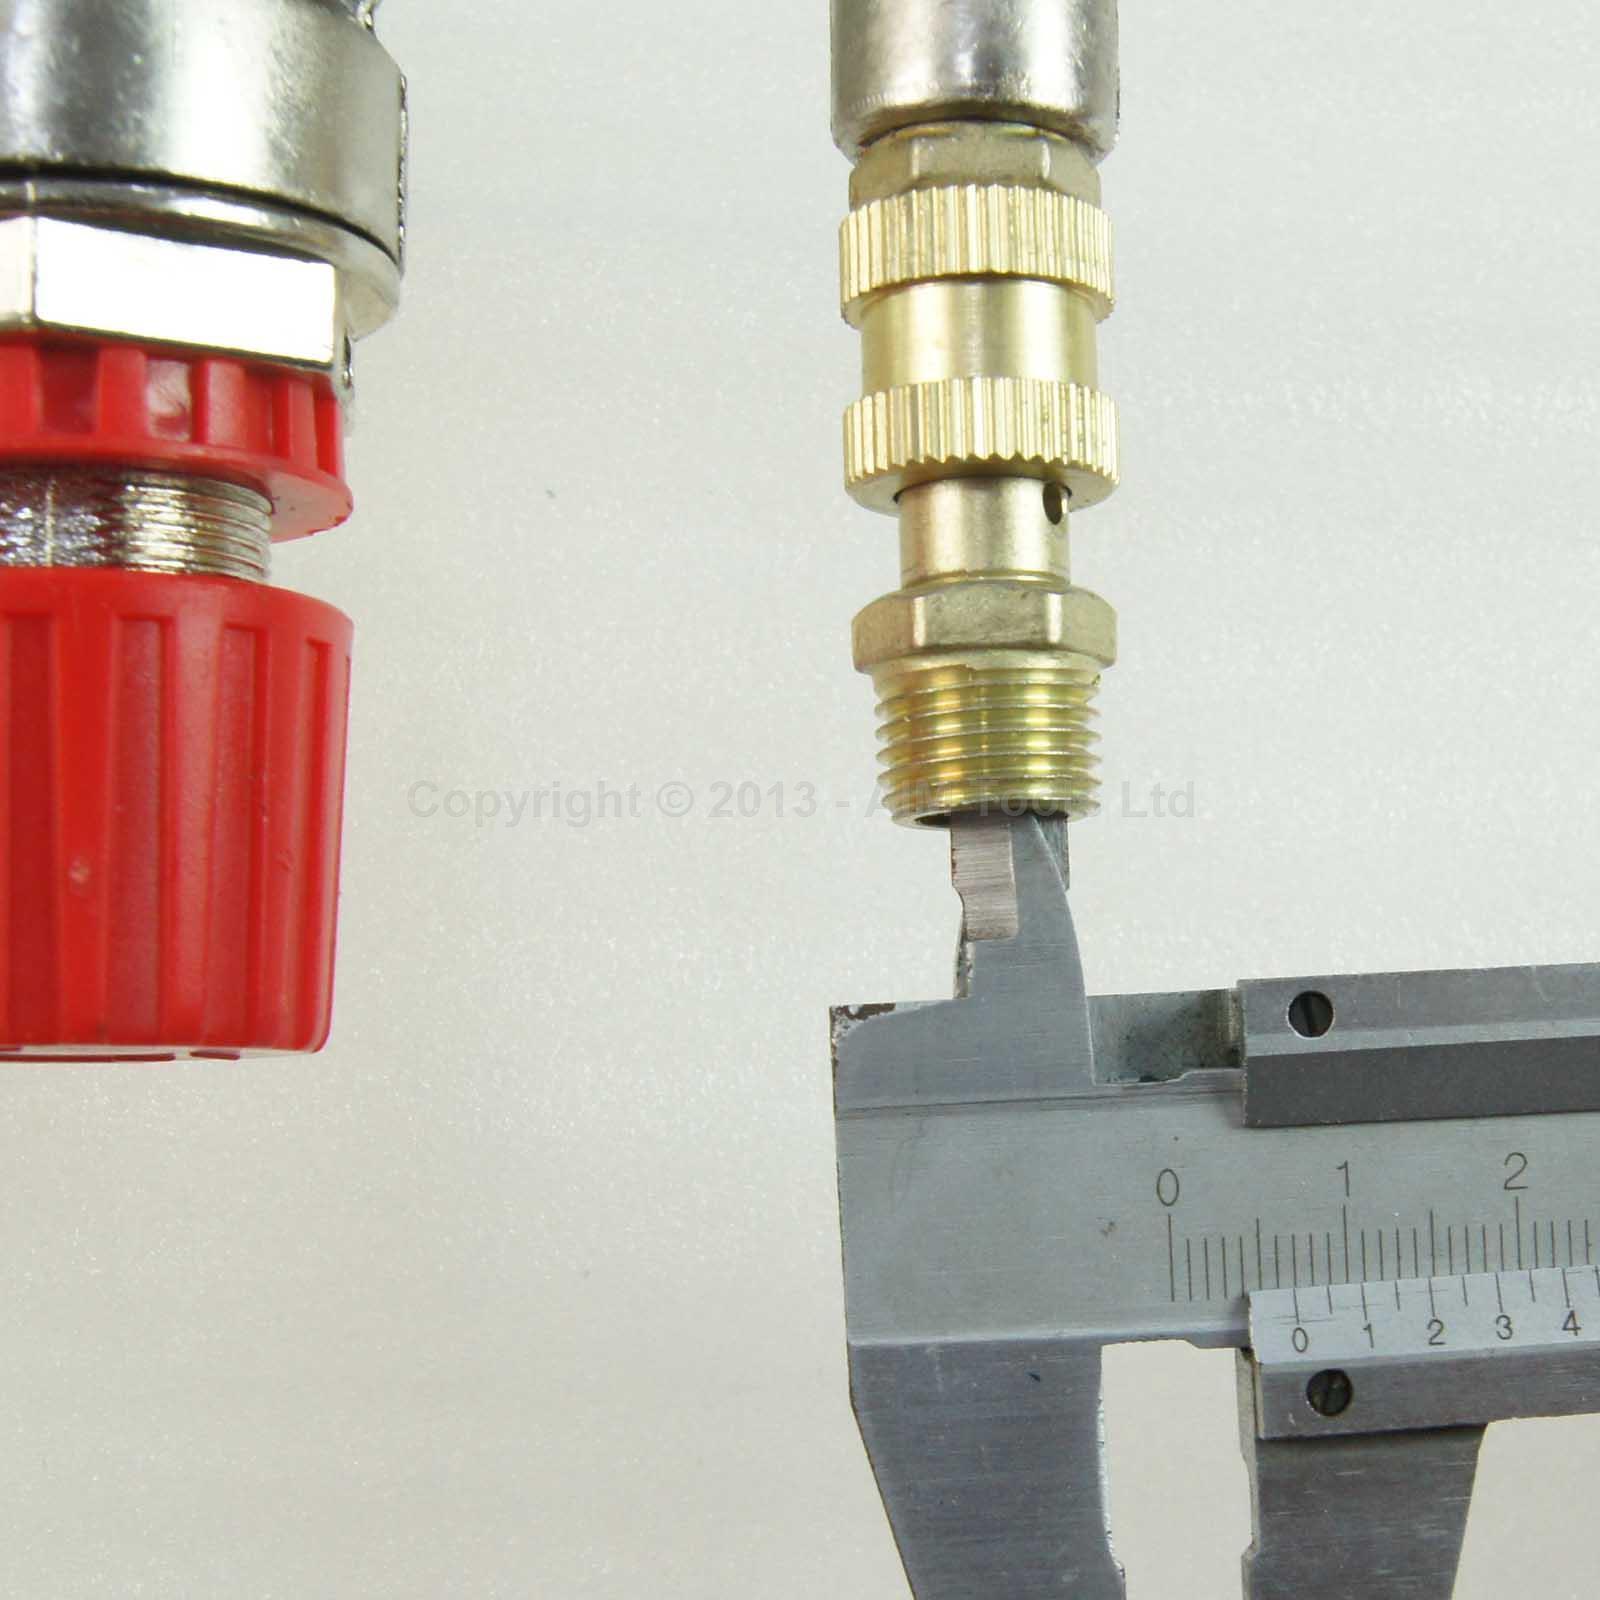 SP24113302 Air Compressor Schalter Halter Basis mit Ventilen und Regler